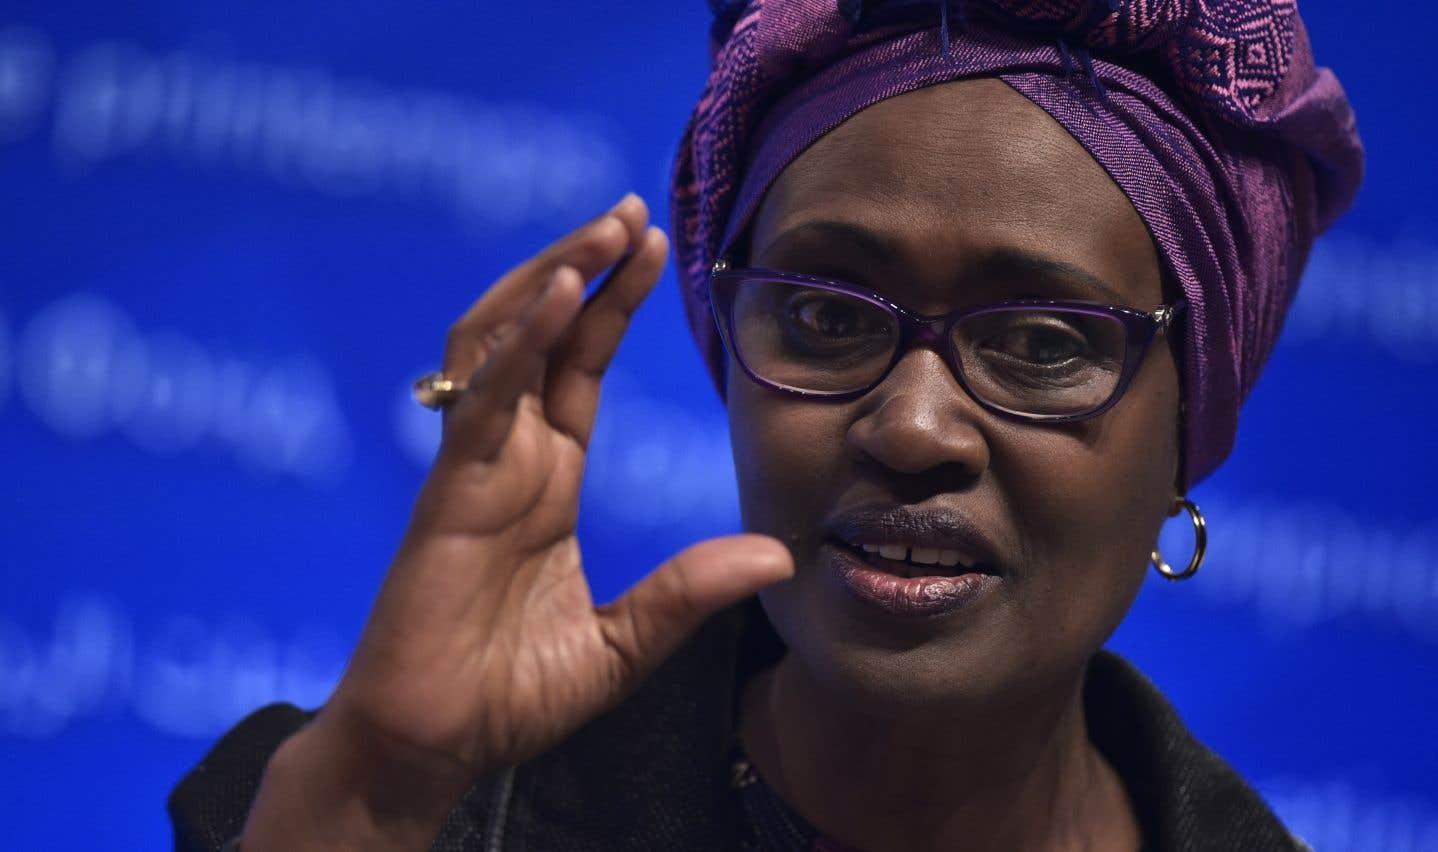 La directrice exécutive d'Oxfam international,Winnie Byanyima